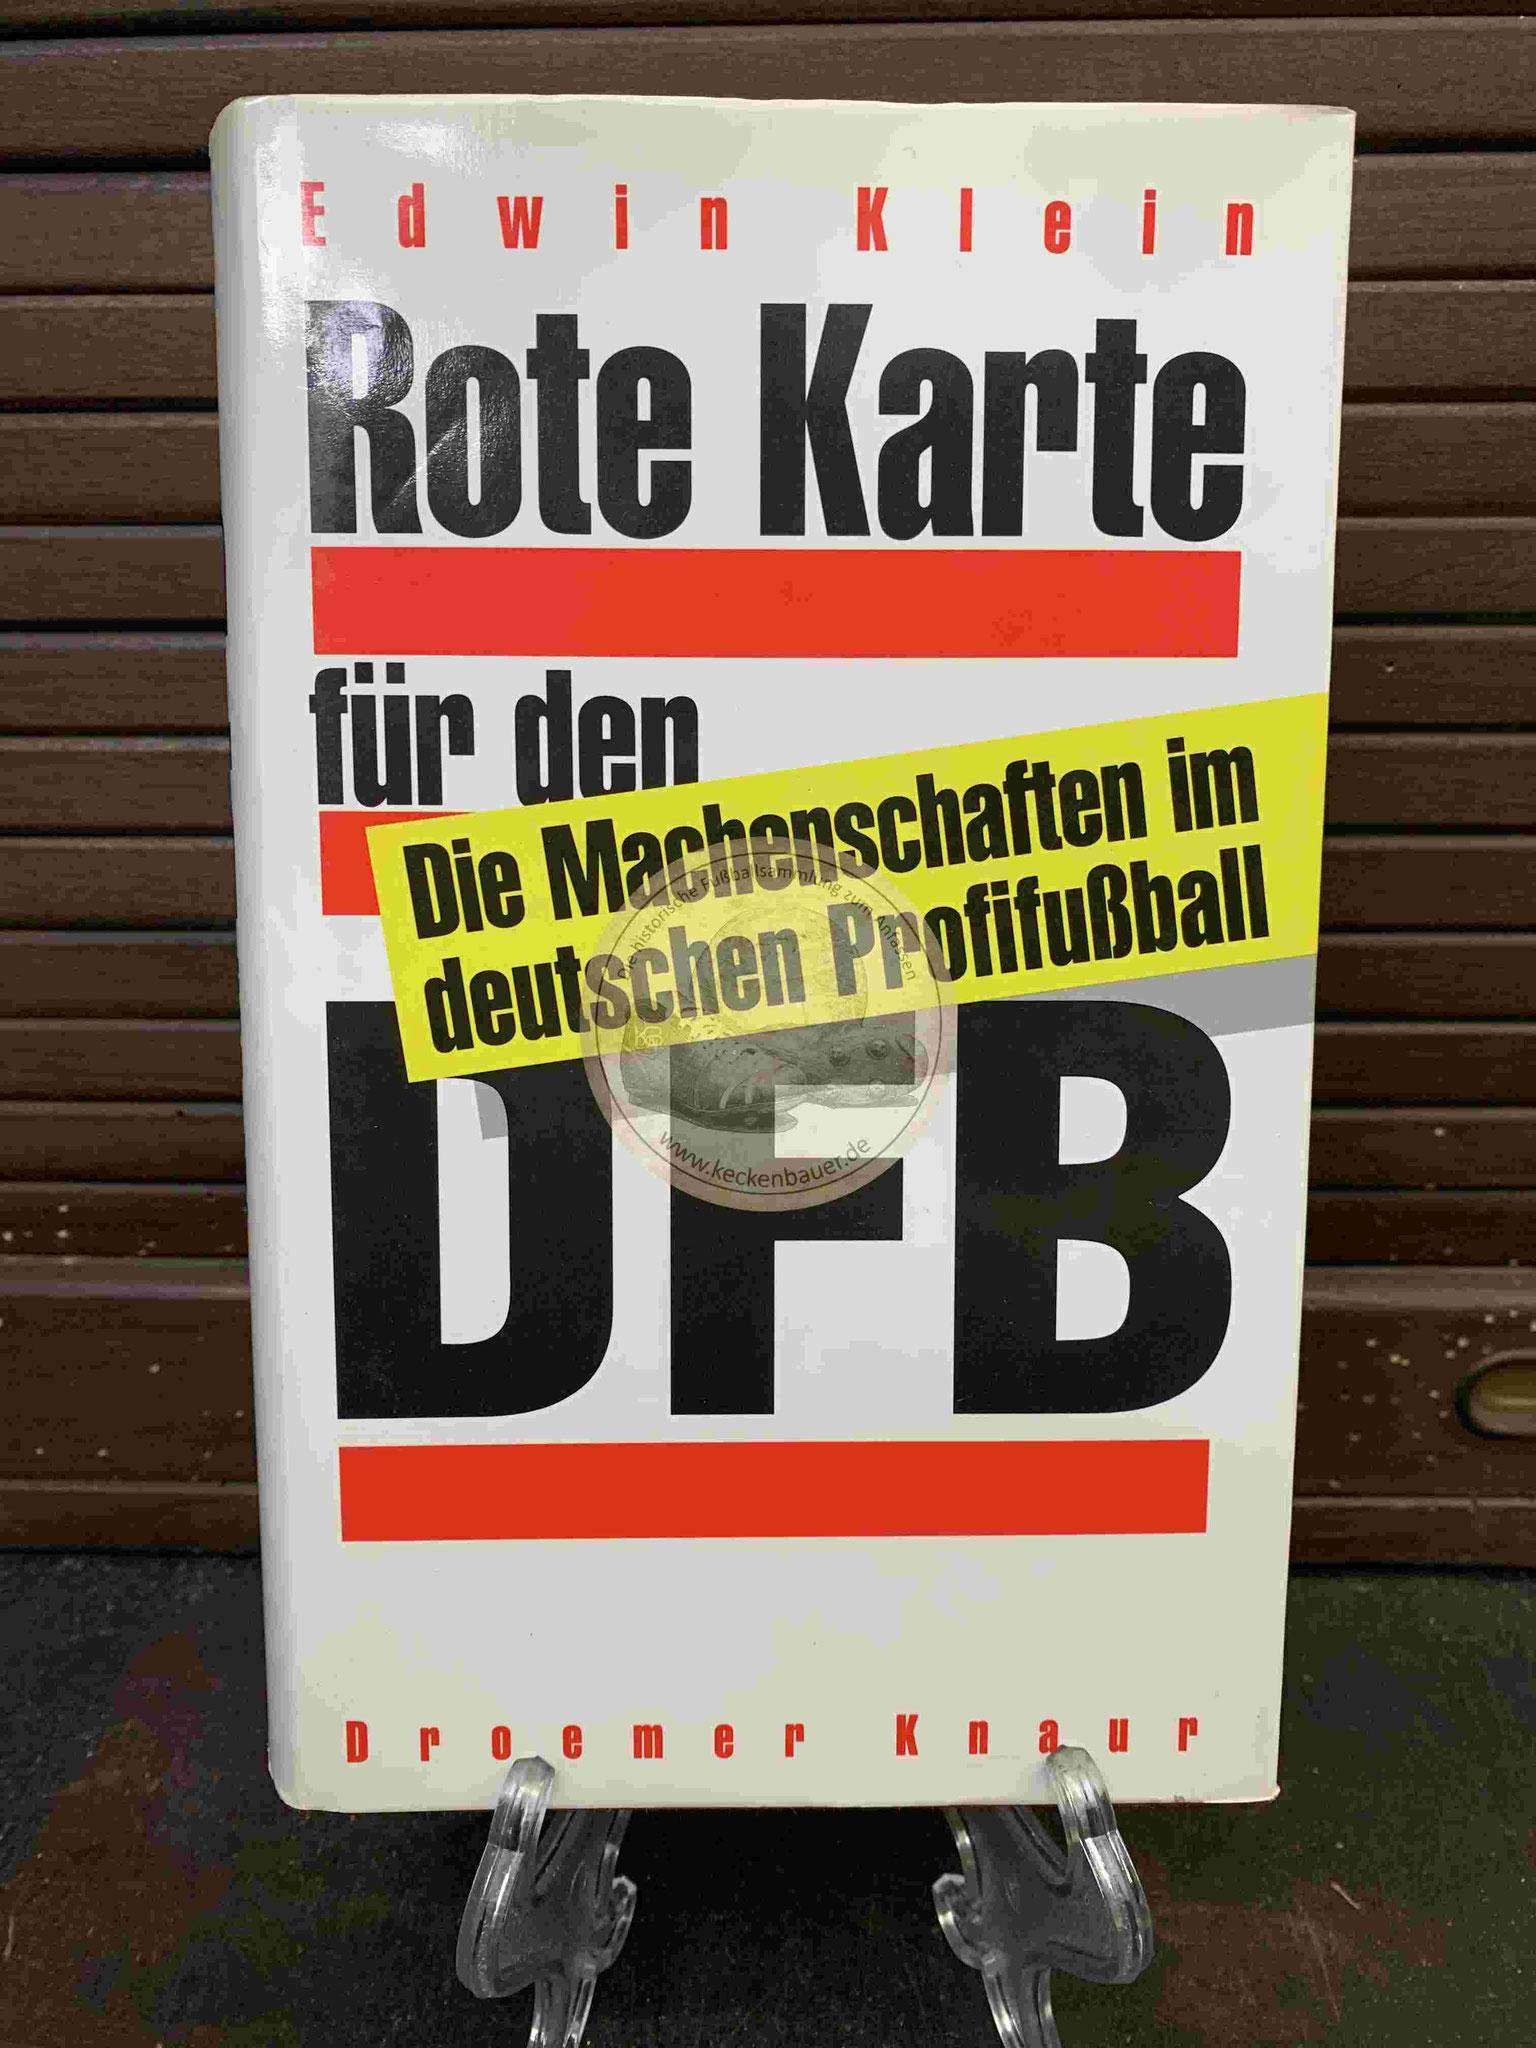 Edwin Klein Rote Karte für den DFB Die Machenschaften im deutschen Profifußball aus dem Jahr 1994